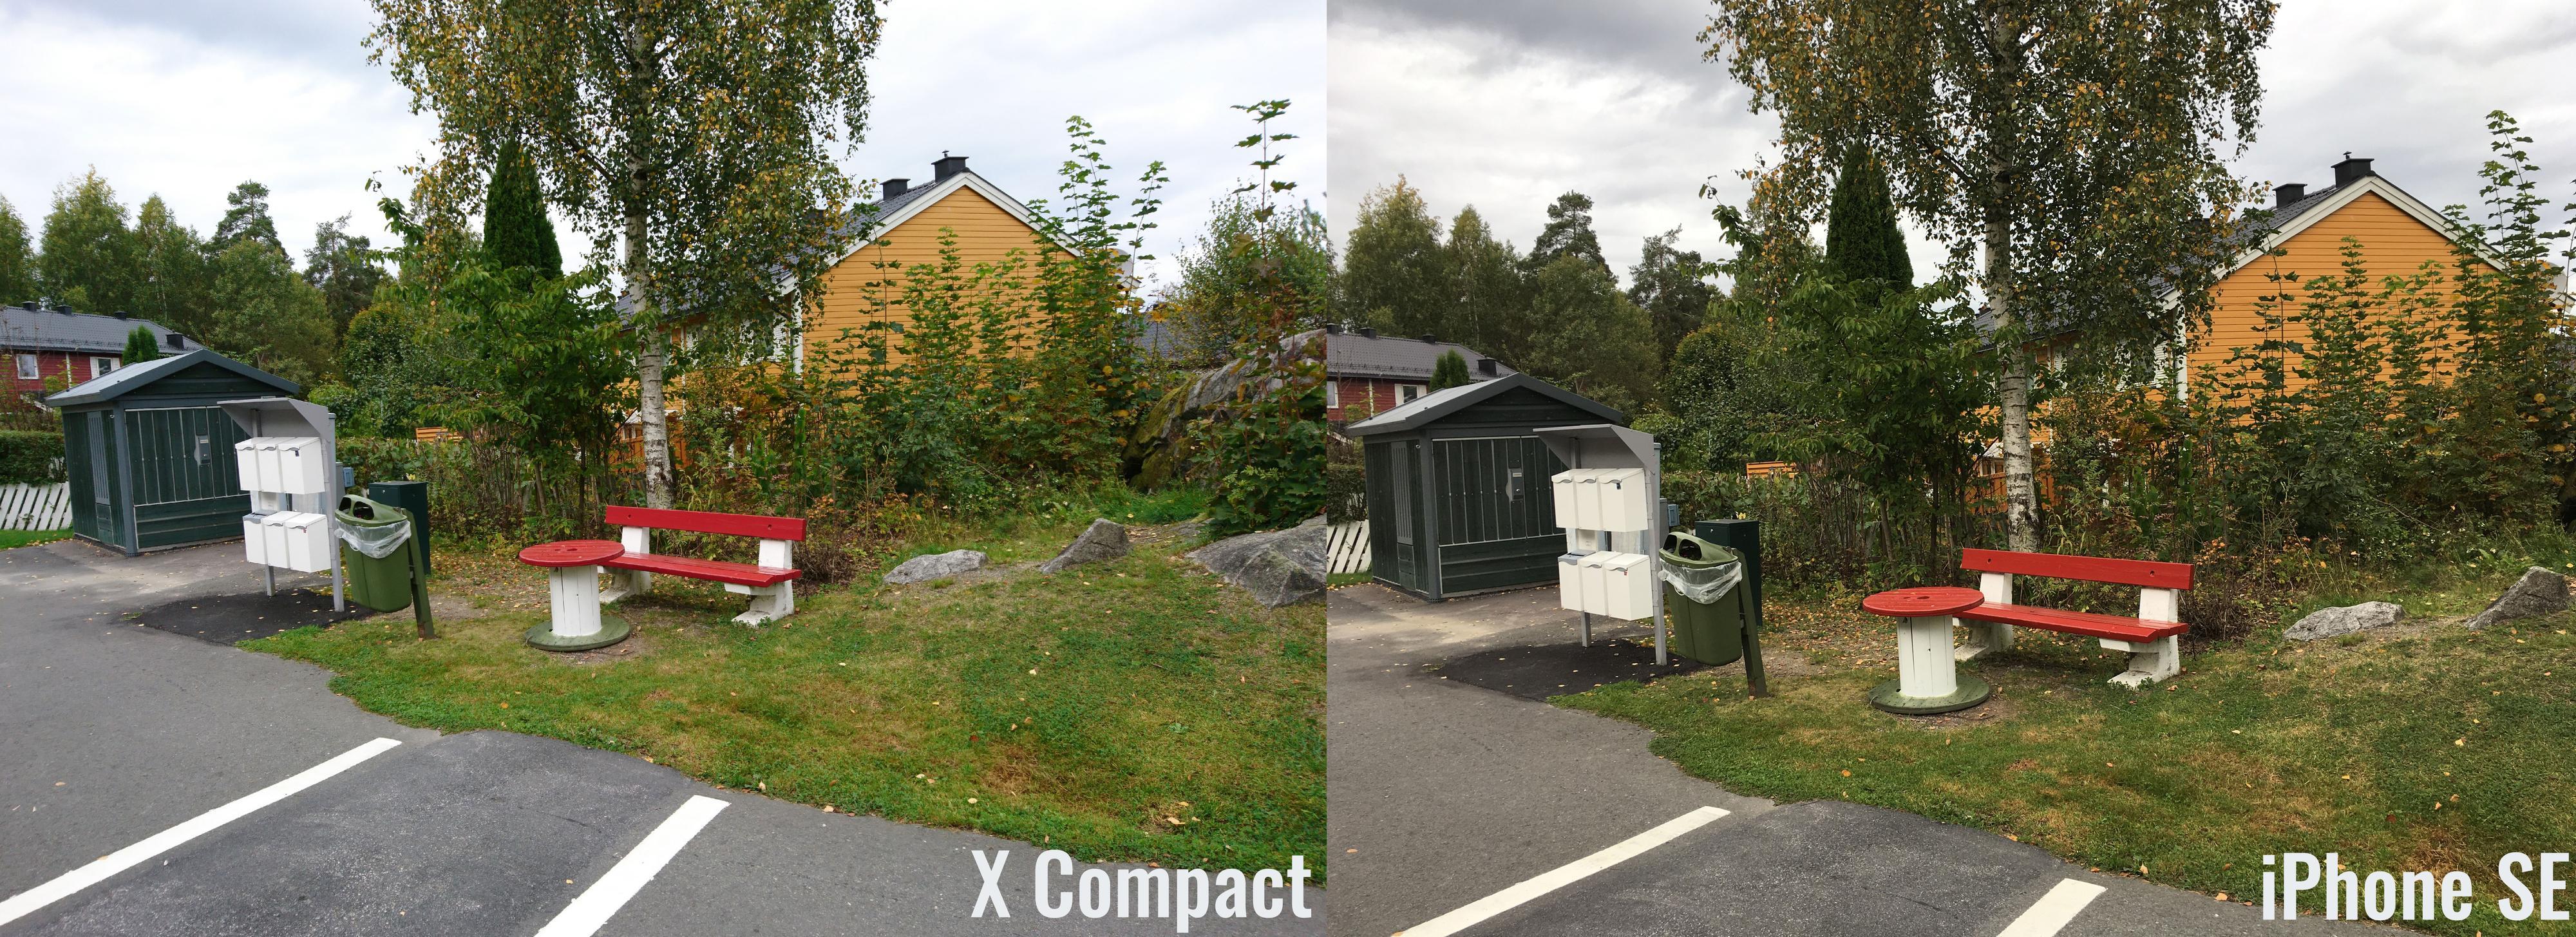 Det er ikke mye som skiller bildene tatt med Xperia X Compact og iPhone SE. Fargene er imidlertid litt mer korrekte for Sonys del.